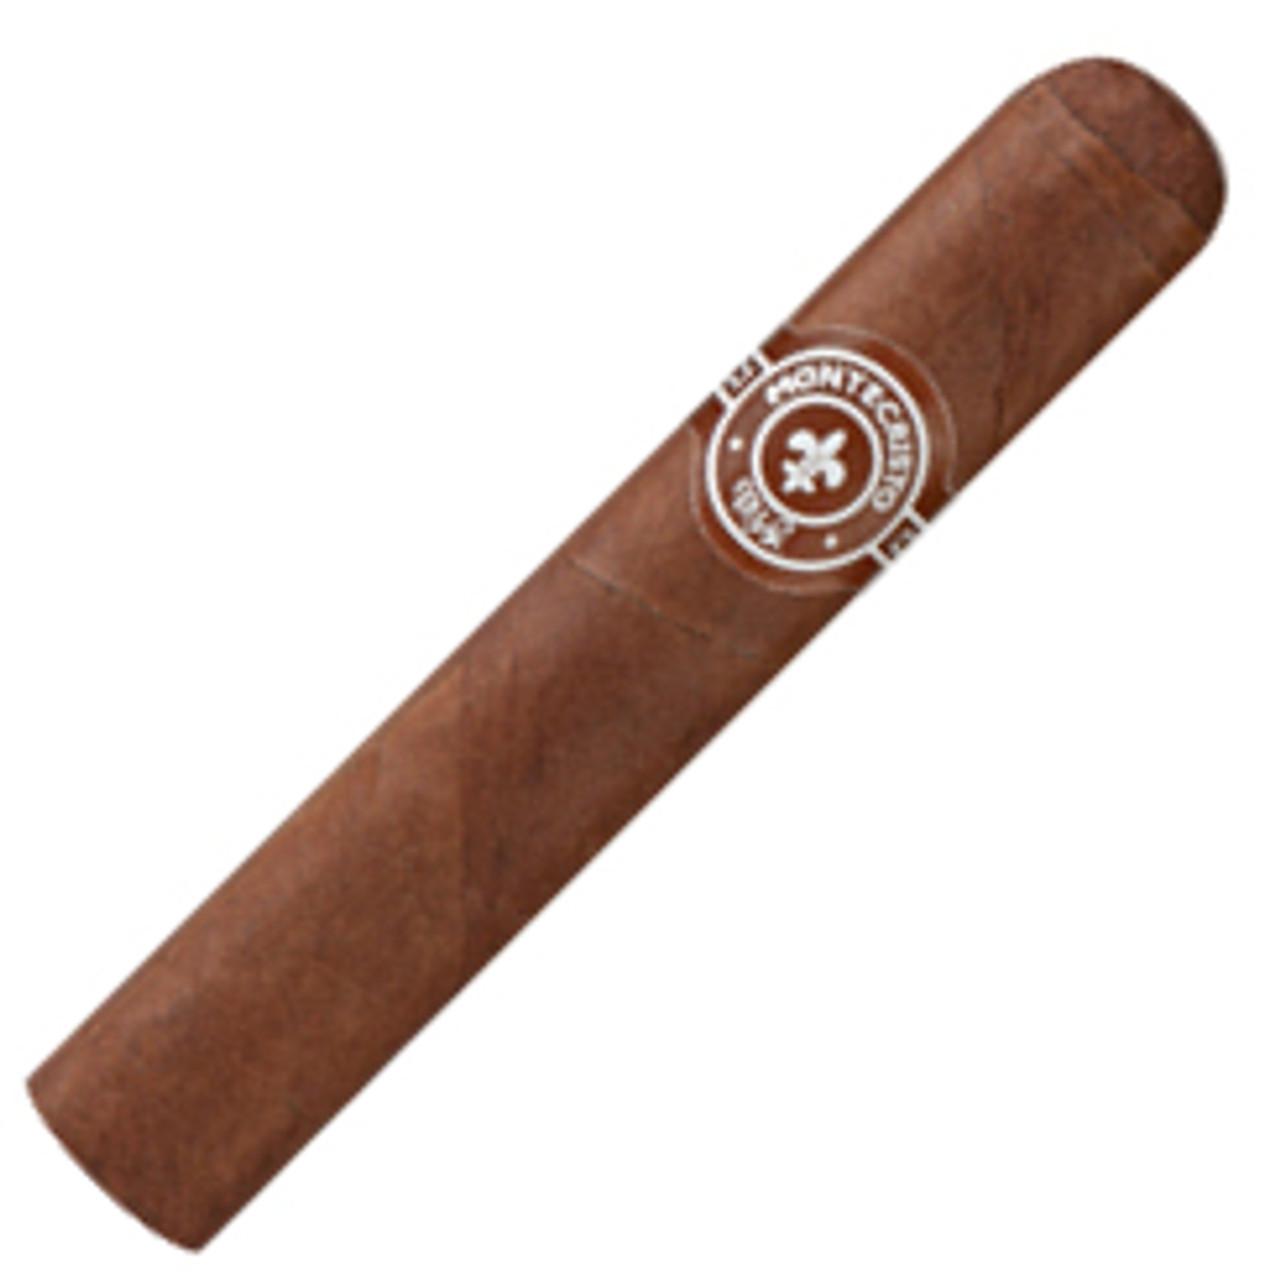 Montecristo No. 4 Box-Pressed Cigars - 4 x 44 (Box of 20)